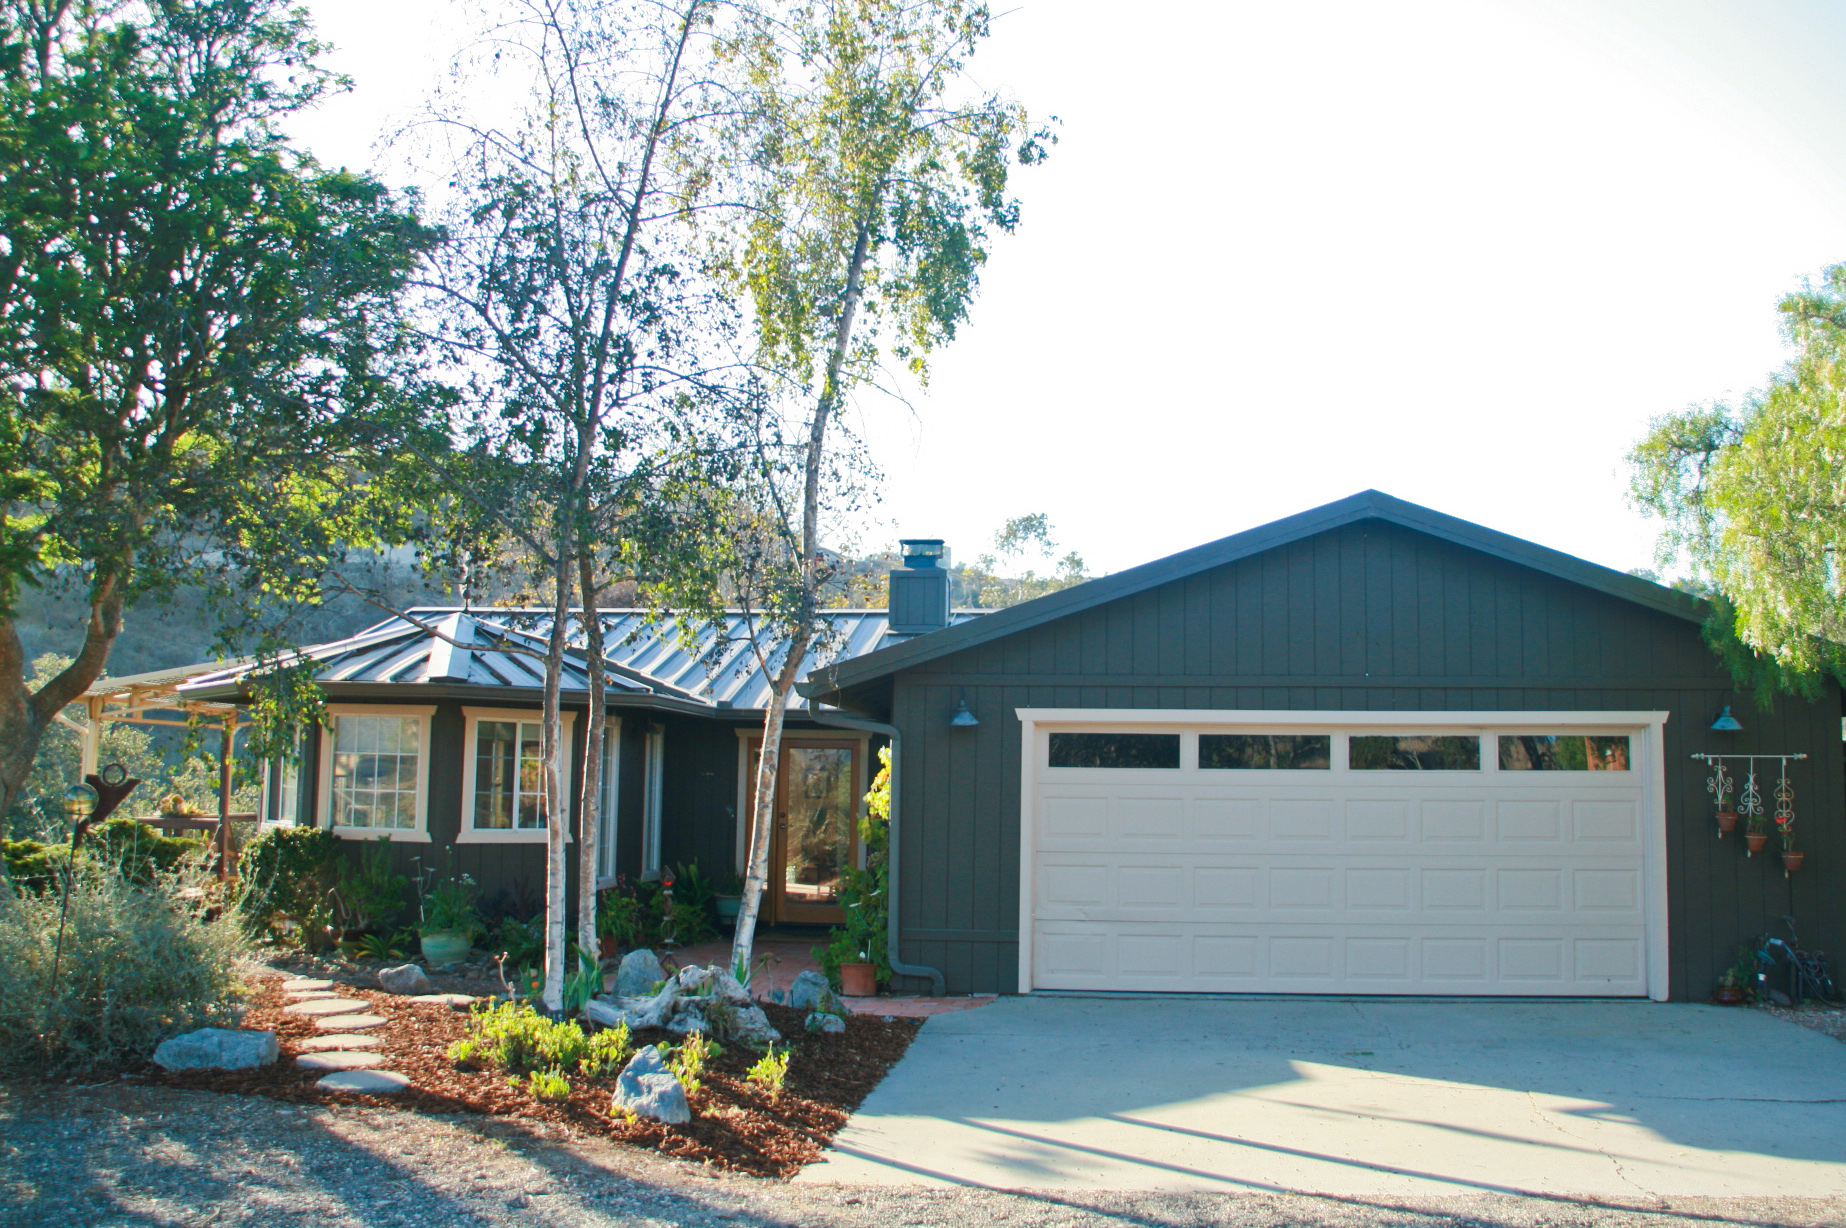 Casa Unifamiliar por un Venta en 2327 Lopez 2327 Lopez Drive Arroyo Grande, California 93420 Estados Unidos